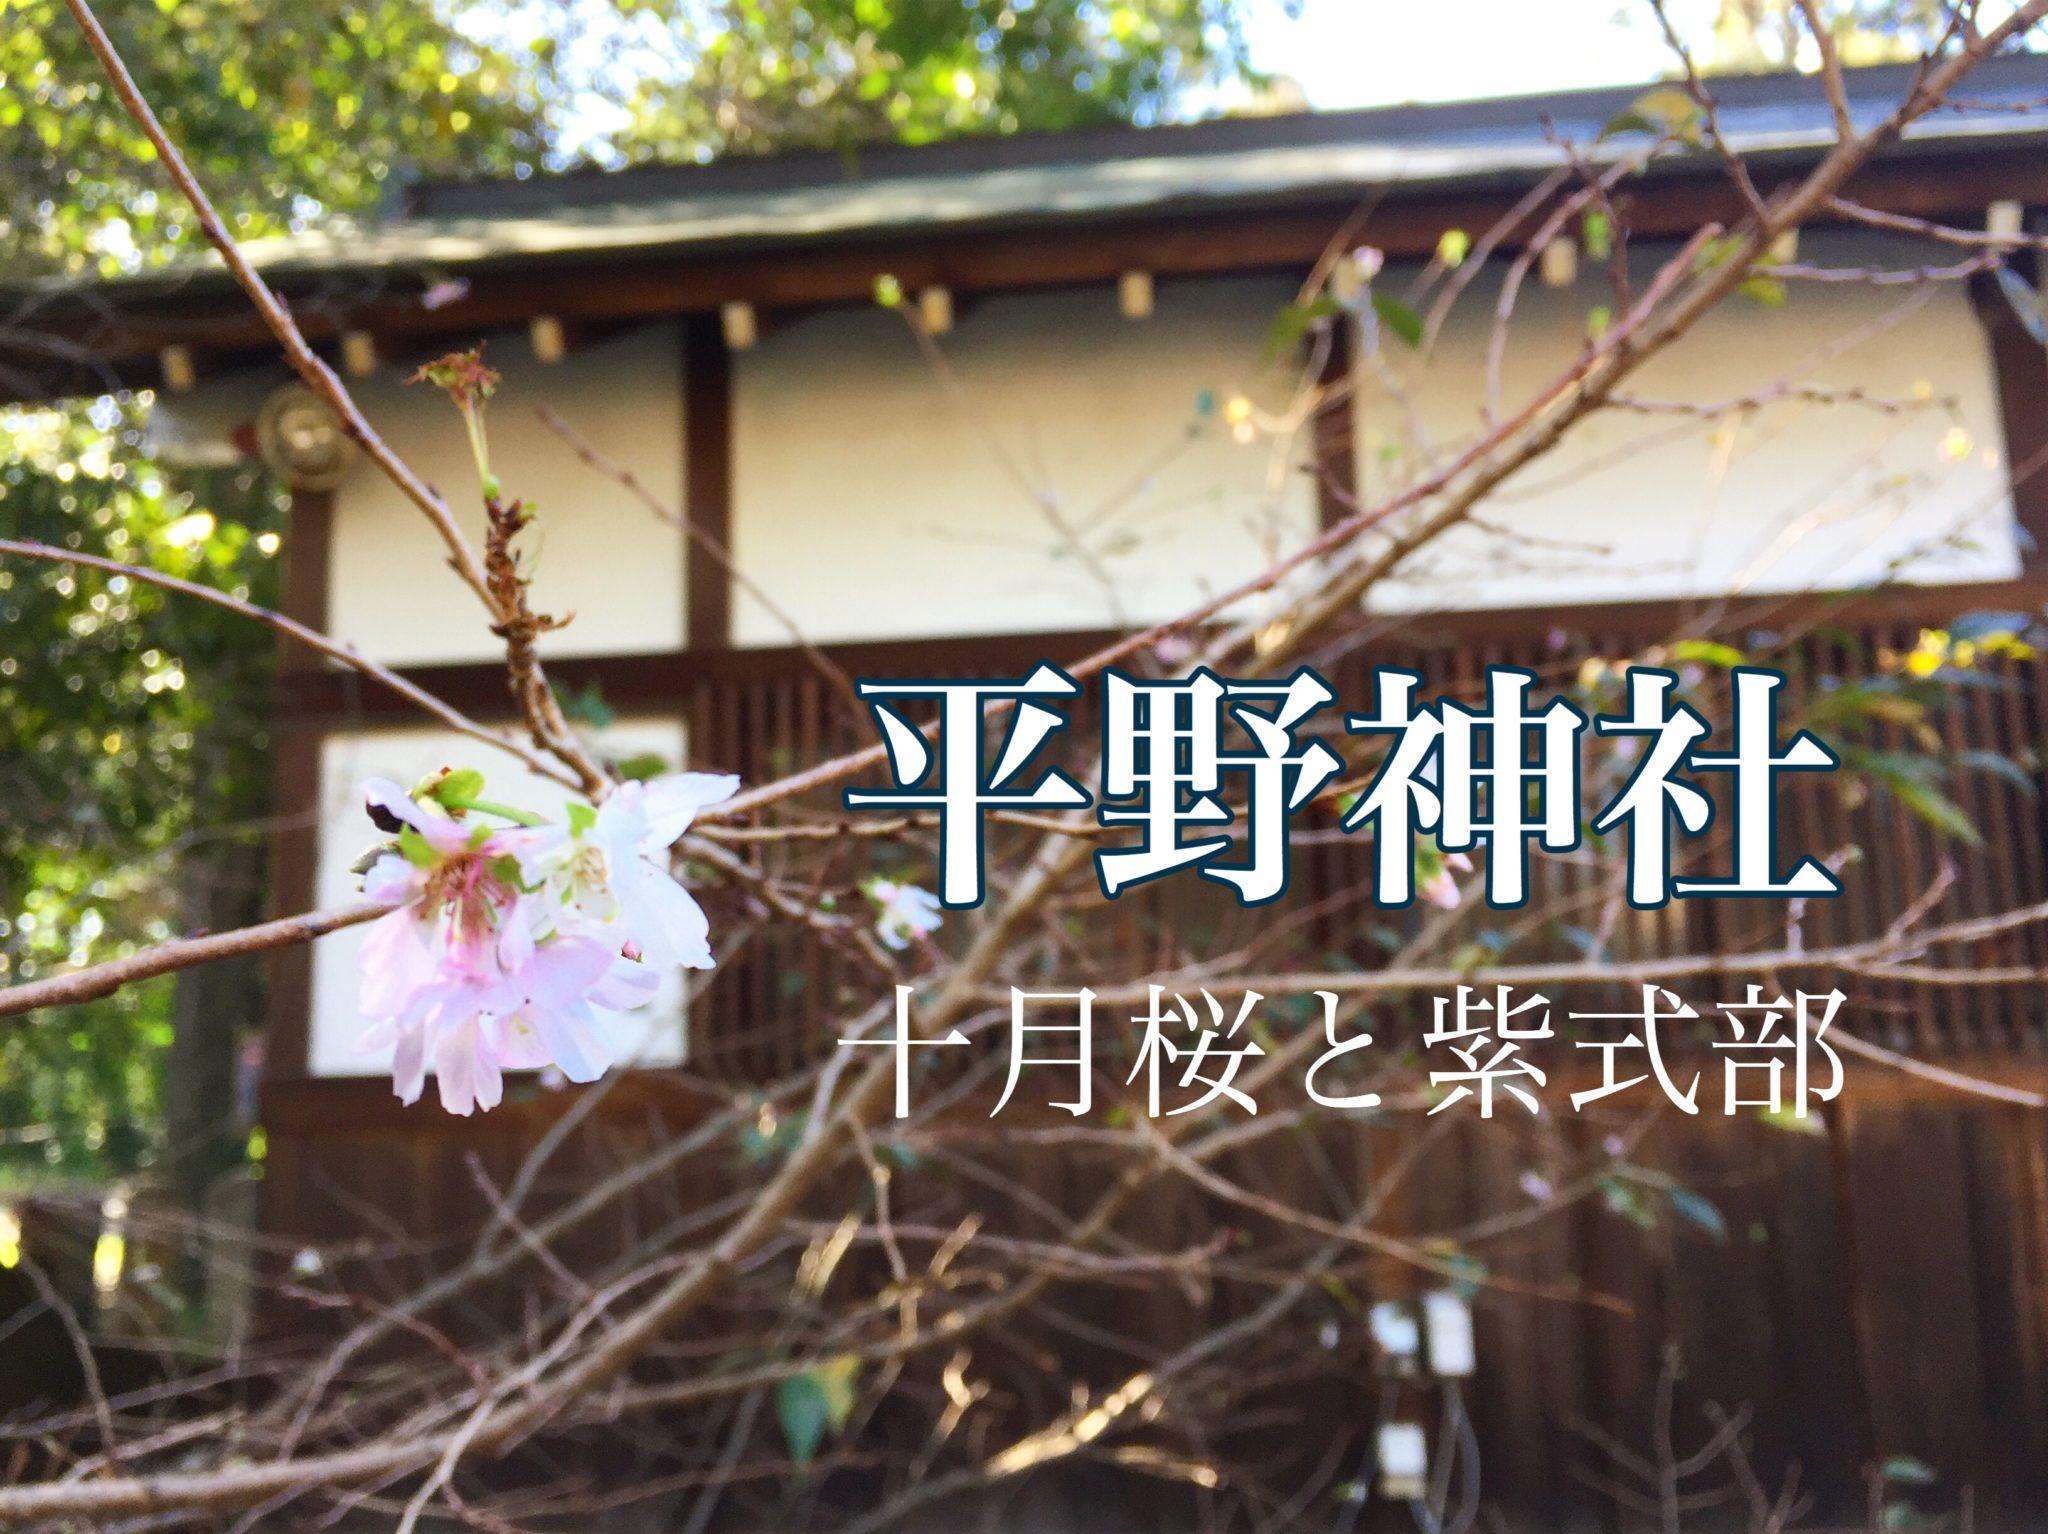 秋の平野神社の記事のアイキャッチ画像